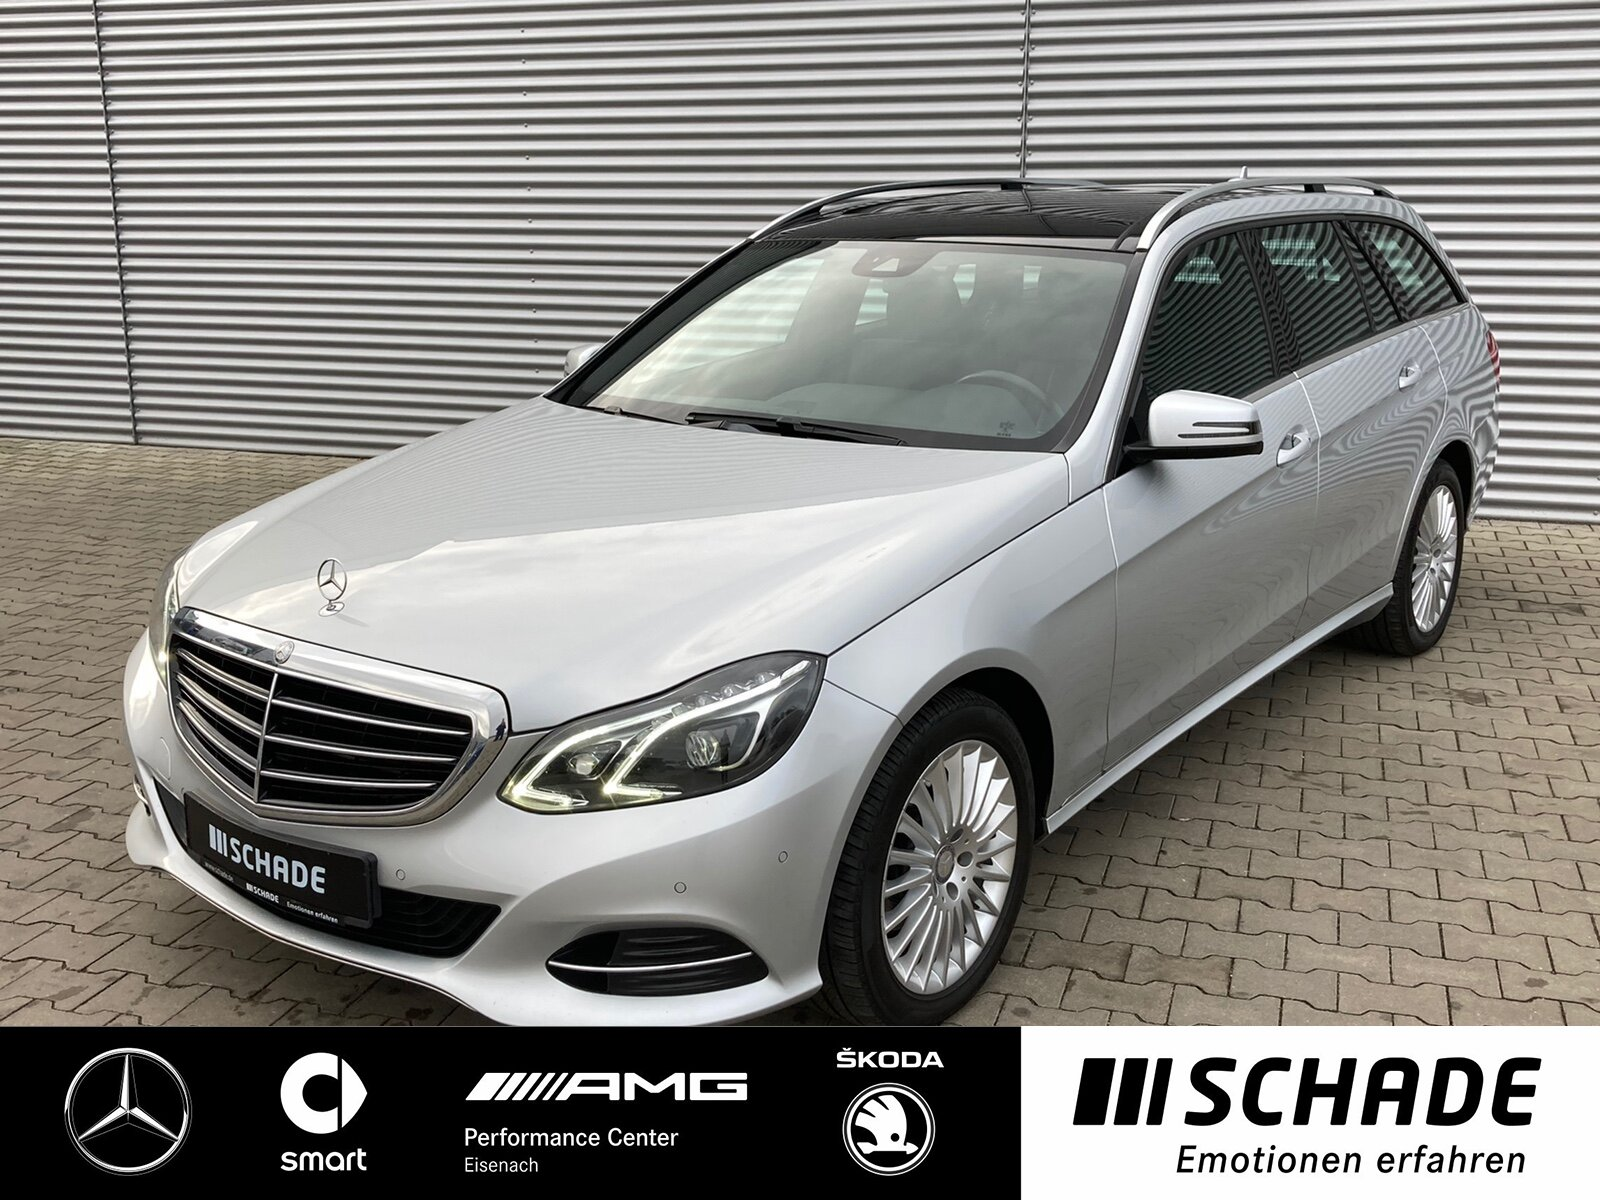 Mercedes-Benz E 200 T BT Elegance *Comand*AHK*Panorama*Kamera*, Jahr 2014, Diesel